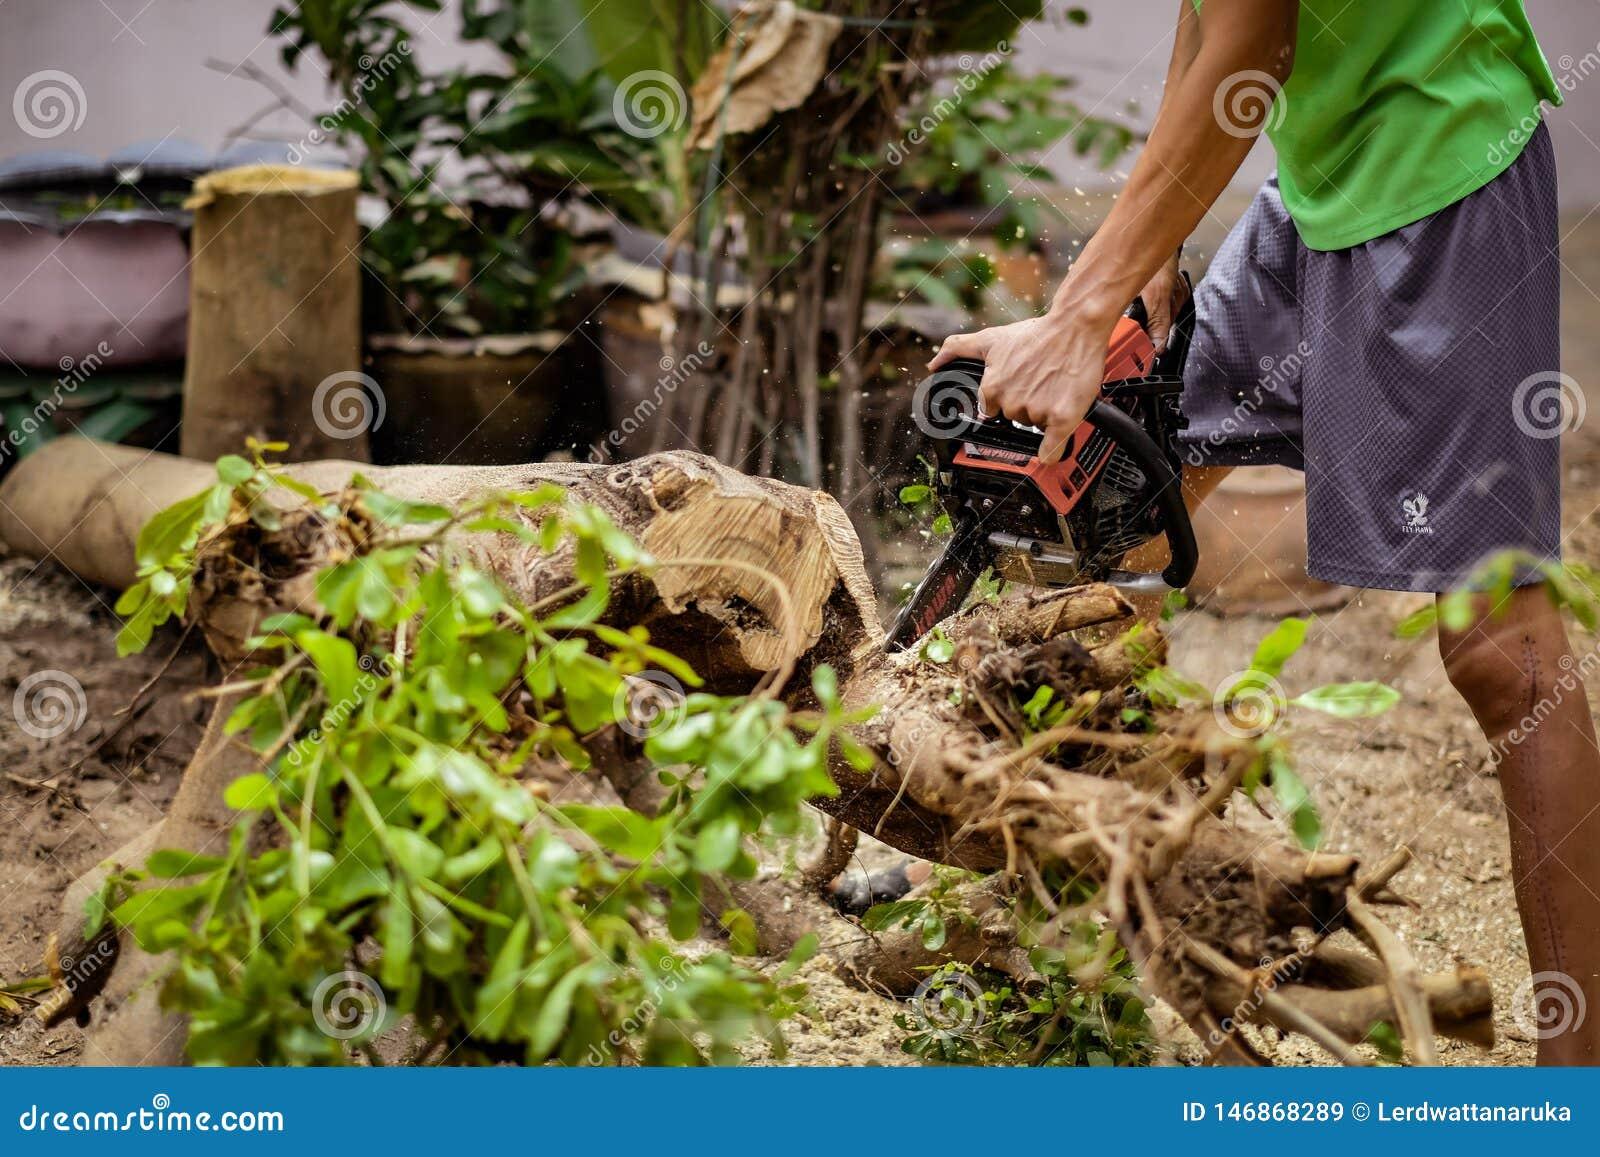 Le jeune homme utilise la scie électrique pour couper des arbres